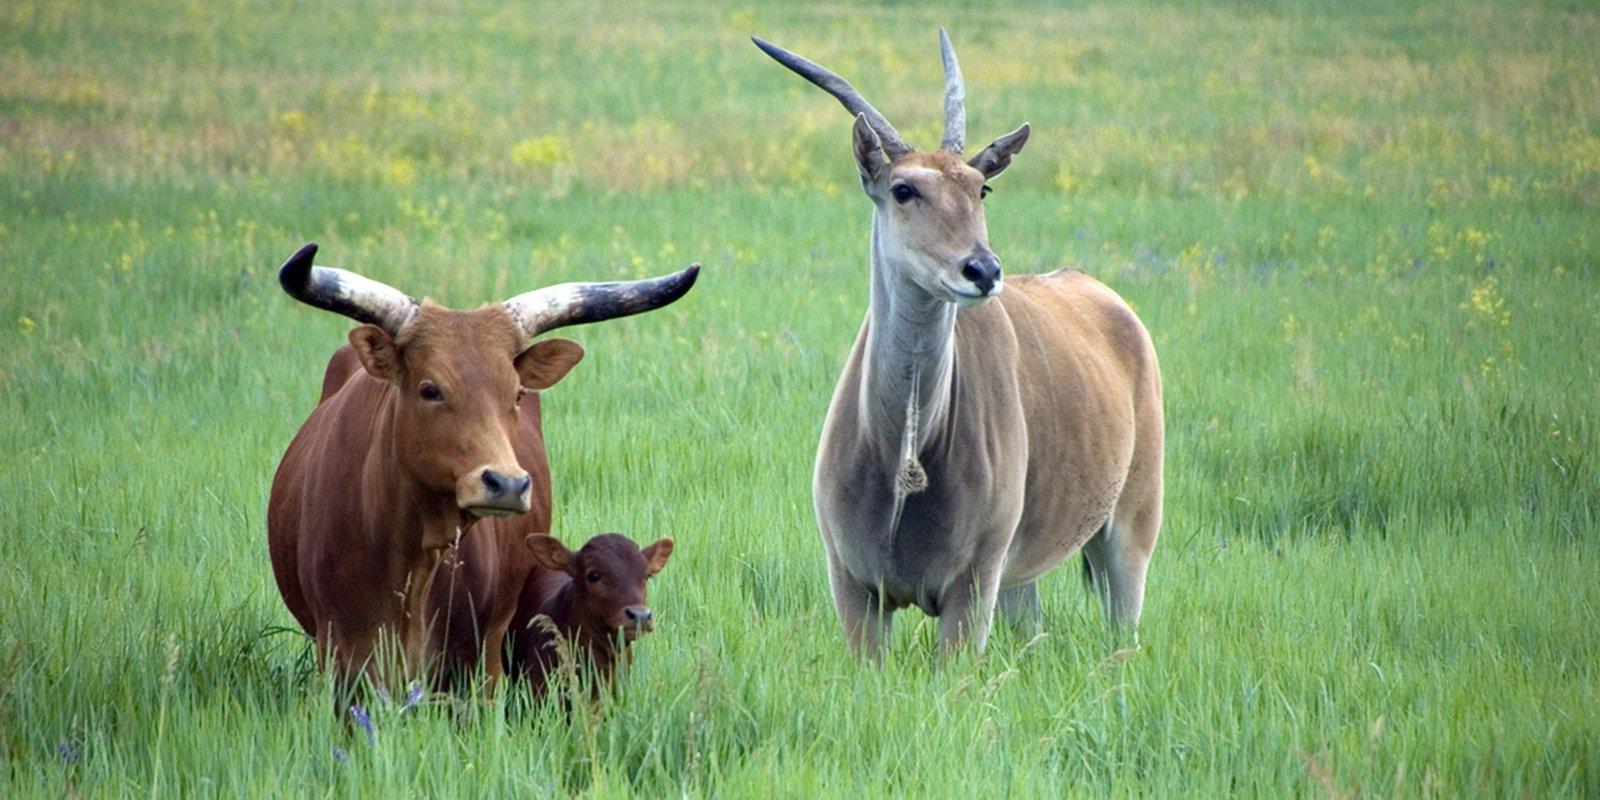 Численні стада копитних живуть   в умовах майже повної свободи,     пасуться собі спокійно на широких пасовиськах.